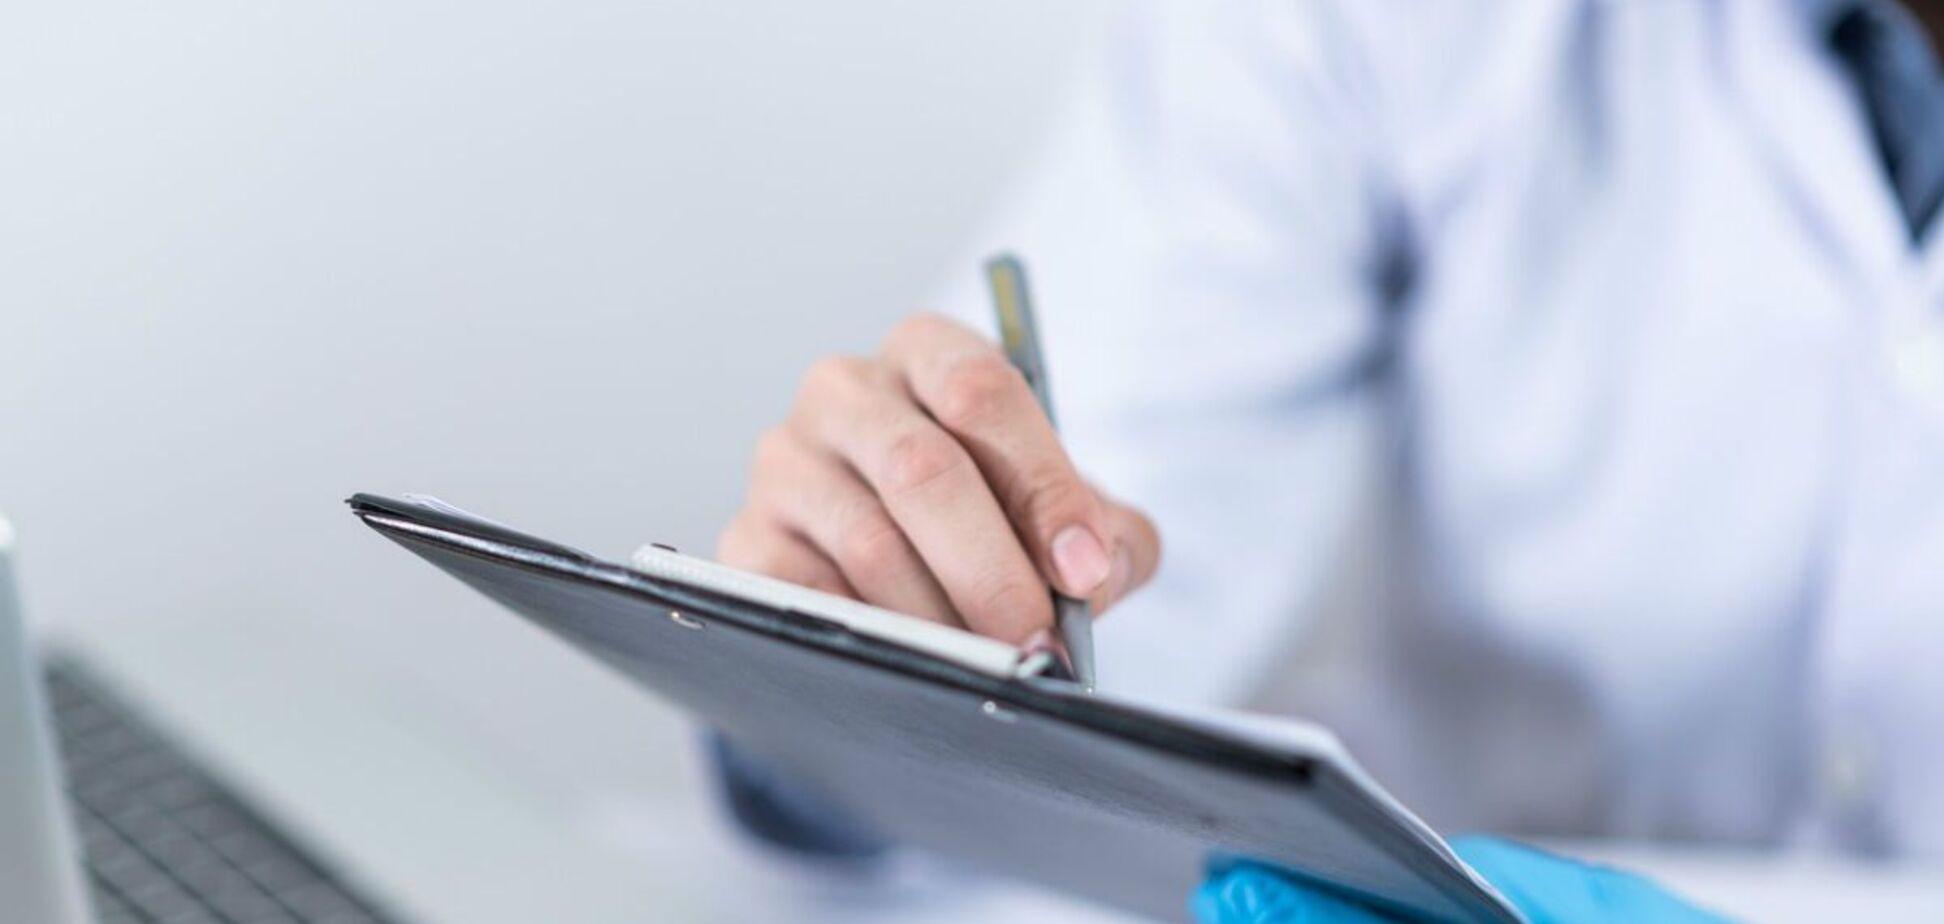 В Минздраве заговорили об оптимизации системы постановки диагноза: что предусматривает